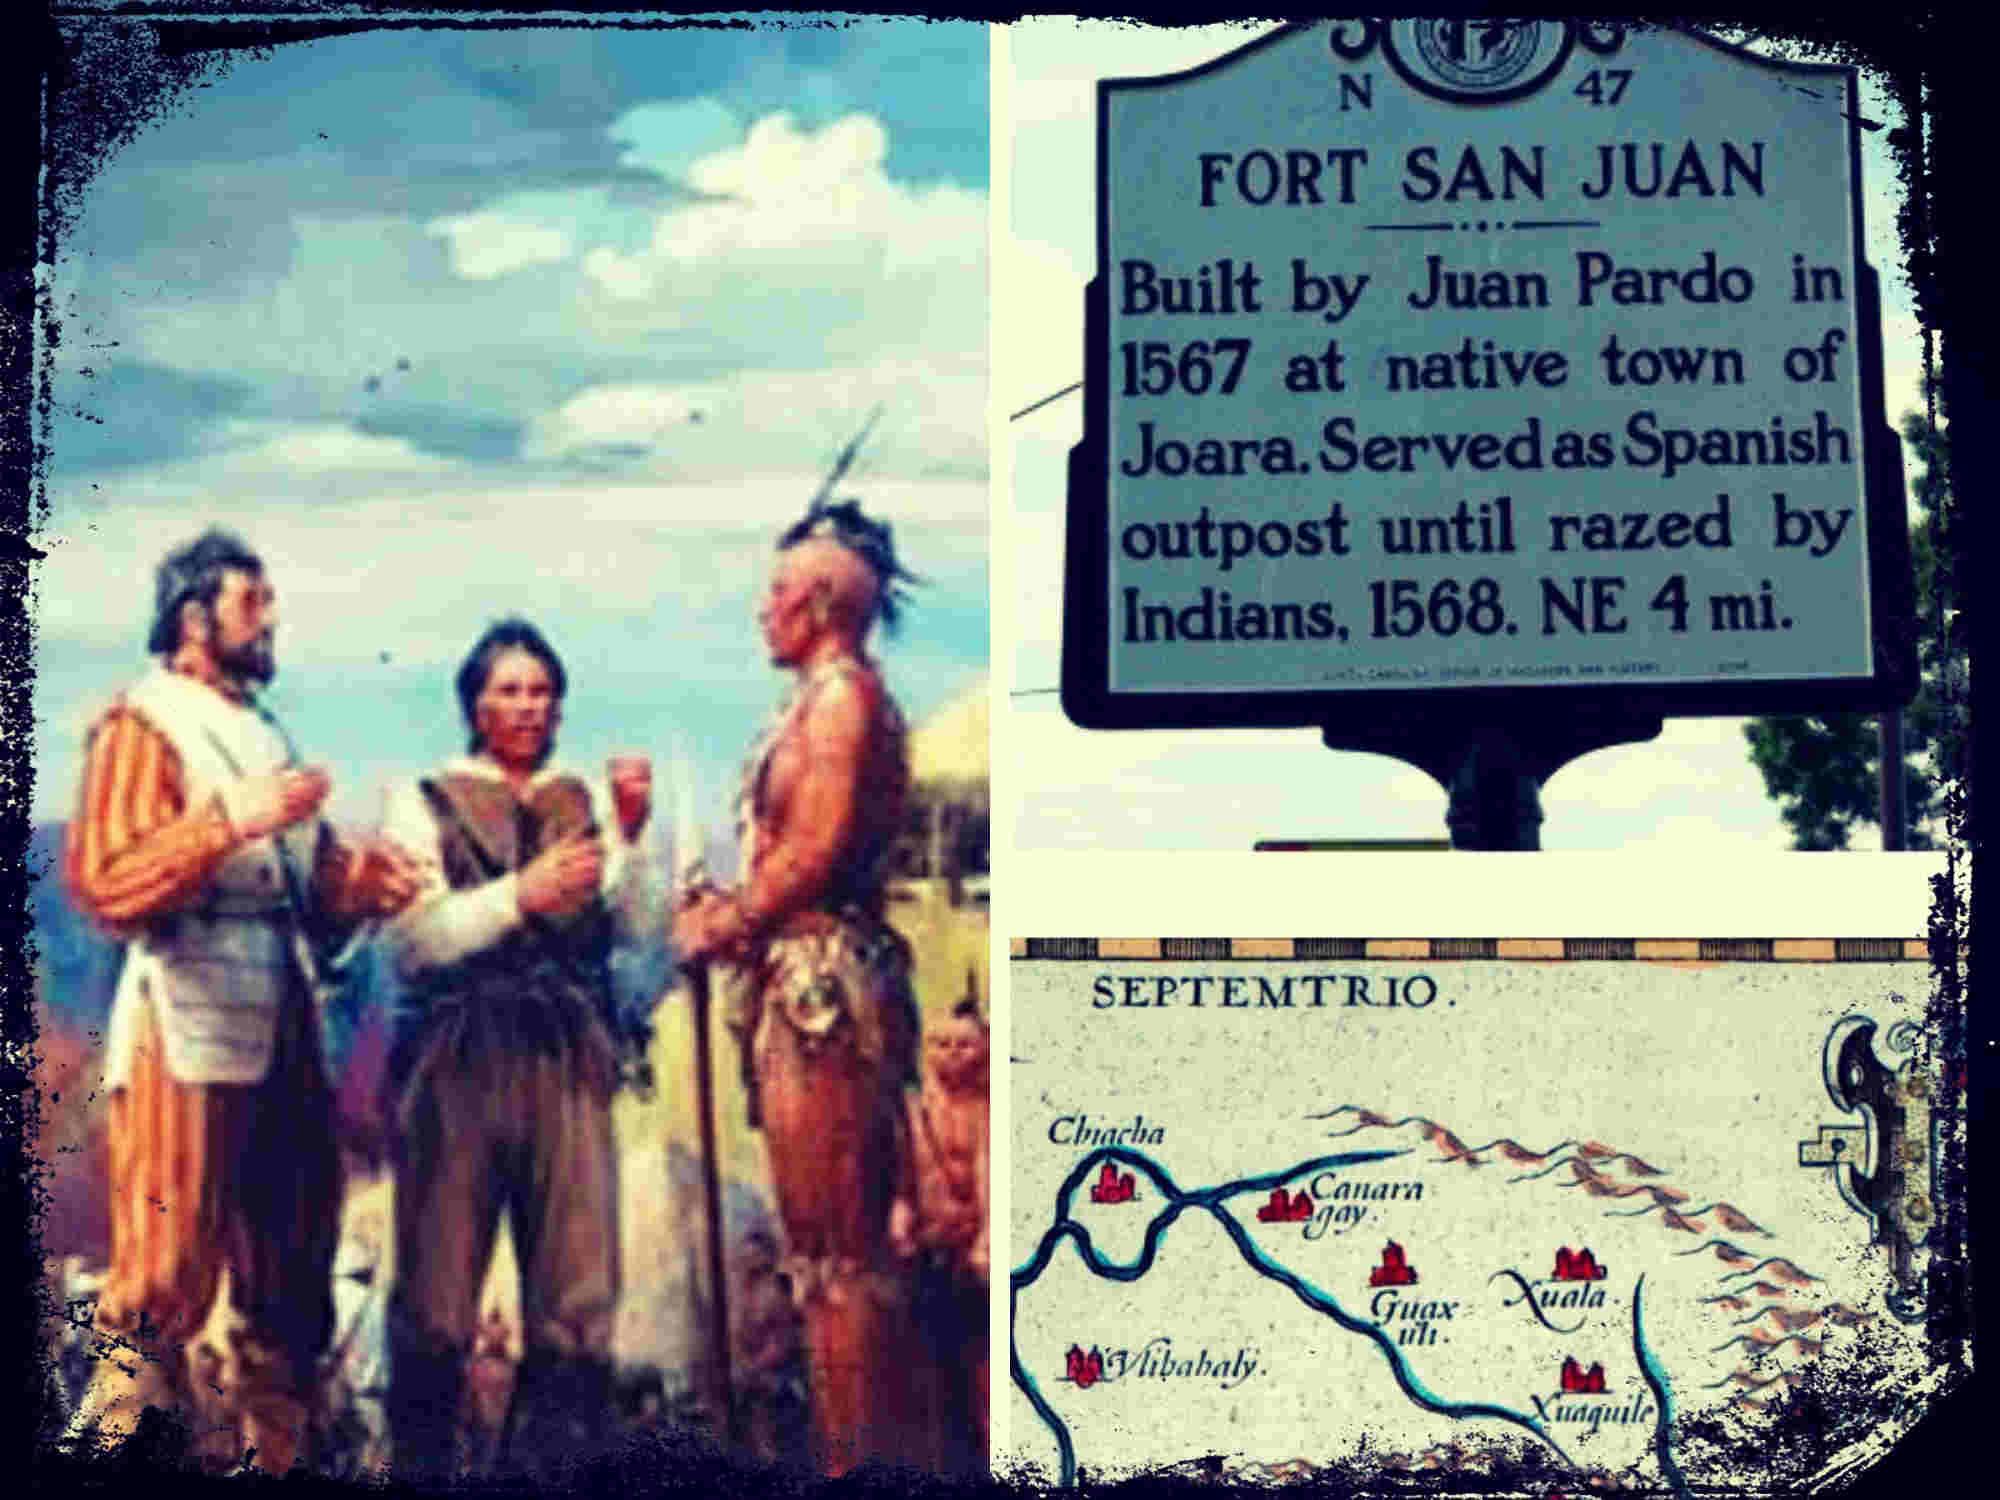 Las expediciones del Capitán Juan Pardo por el sureste norteamericano